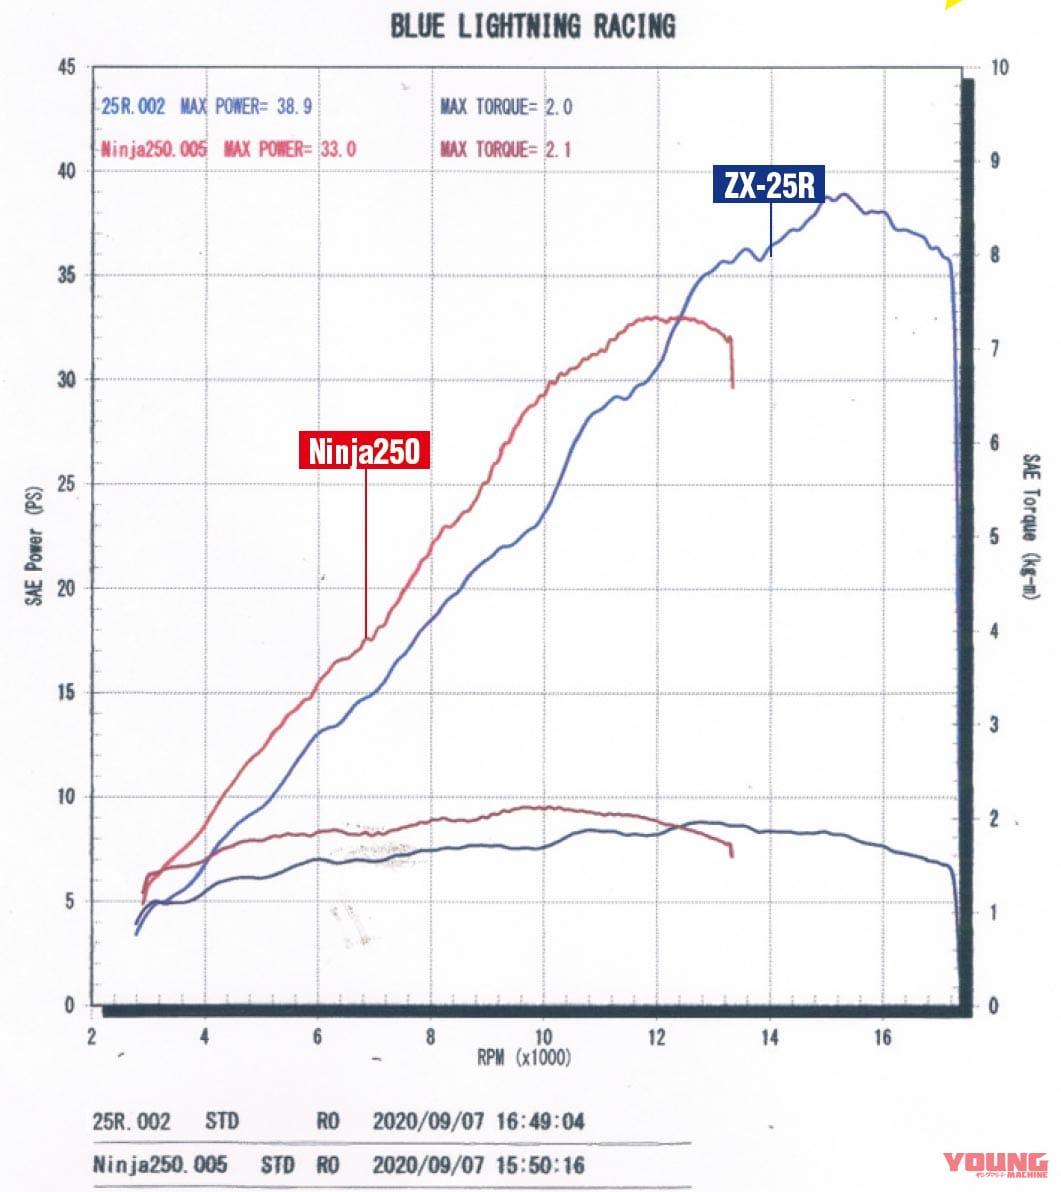 ニンジャZX-25R実測対決・ライバル3番勝負〈vs 2気筒ニンジャ250〉